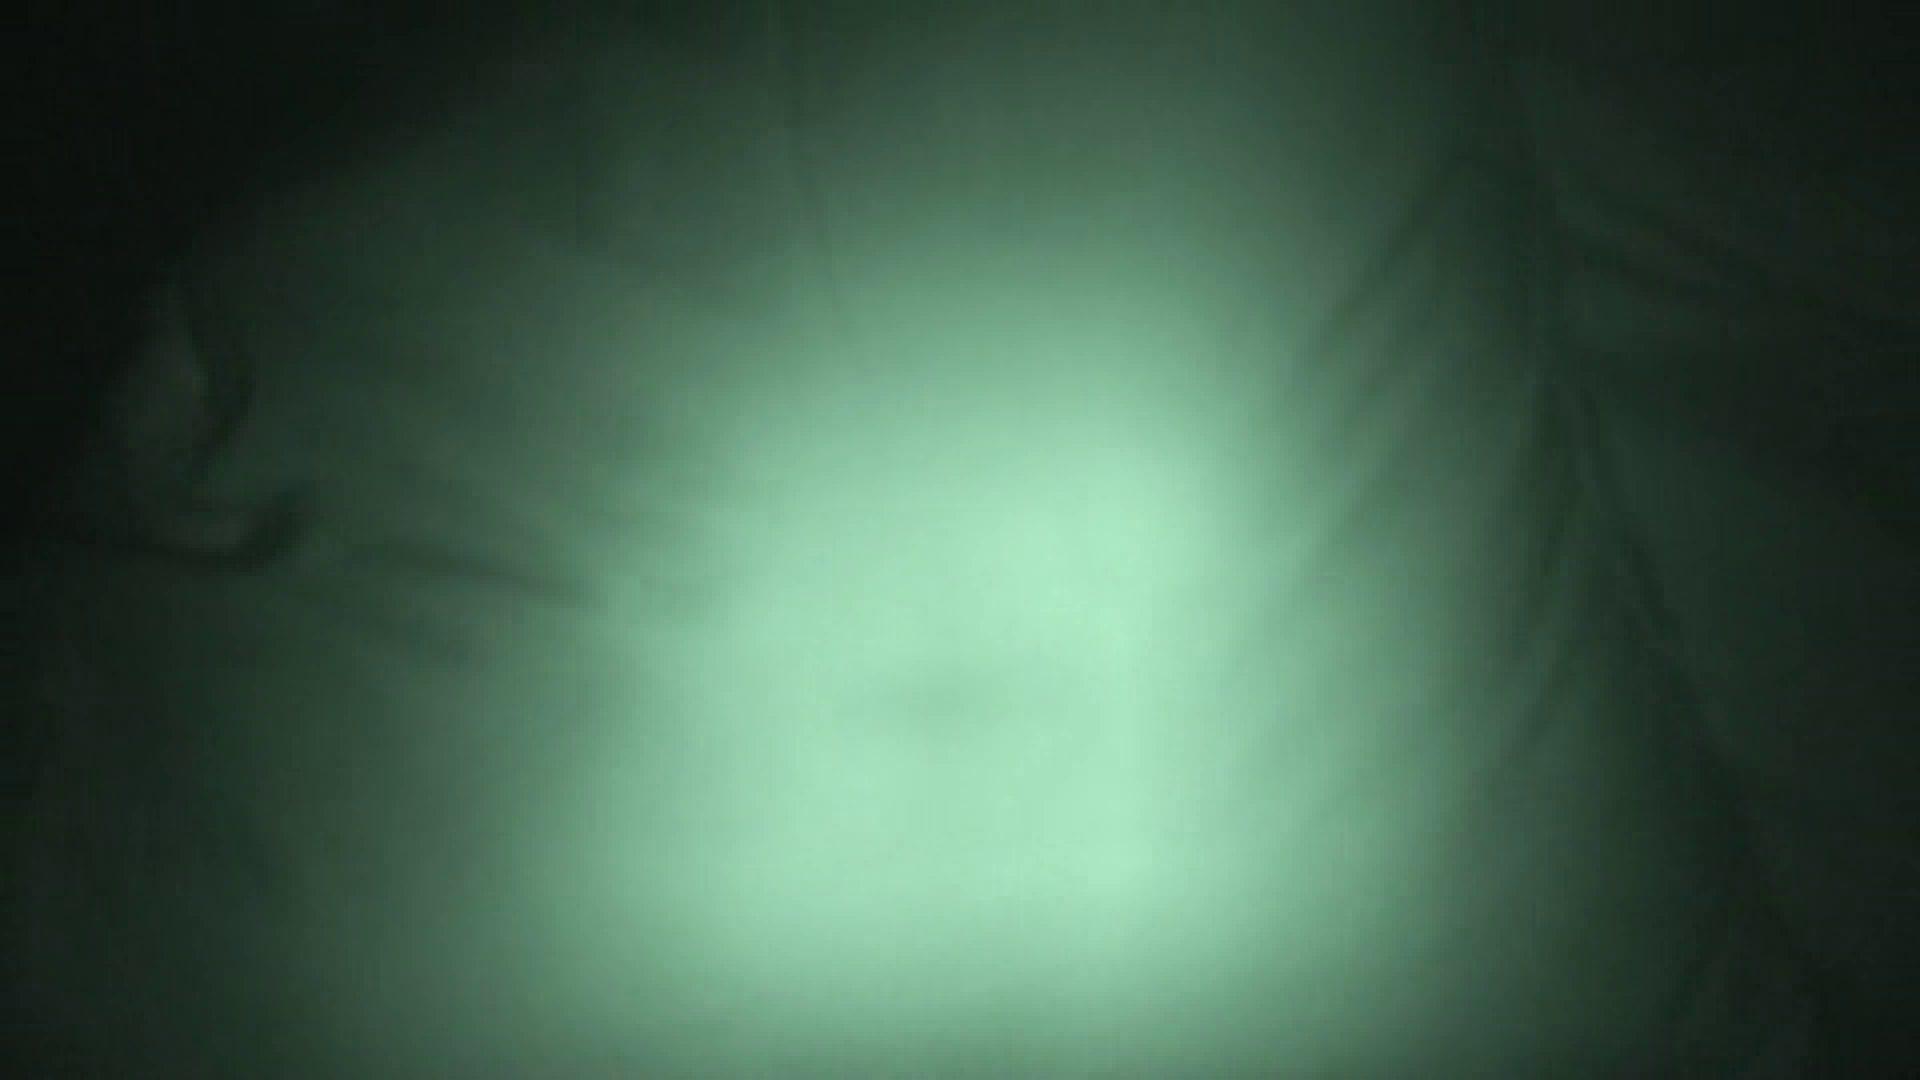 独占配信! ●罪証拠DVD 起きません! vol.10 人気シリーズ アダルト動画キャプチャ 69連発 28